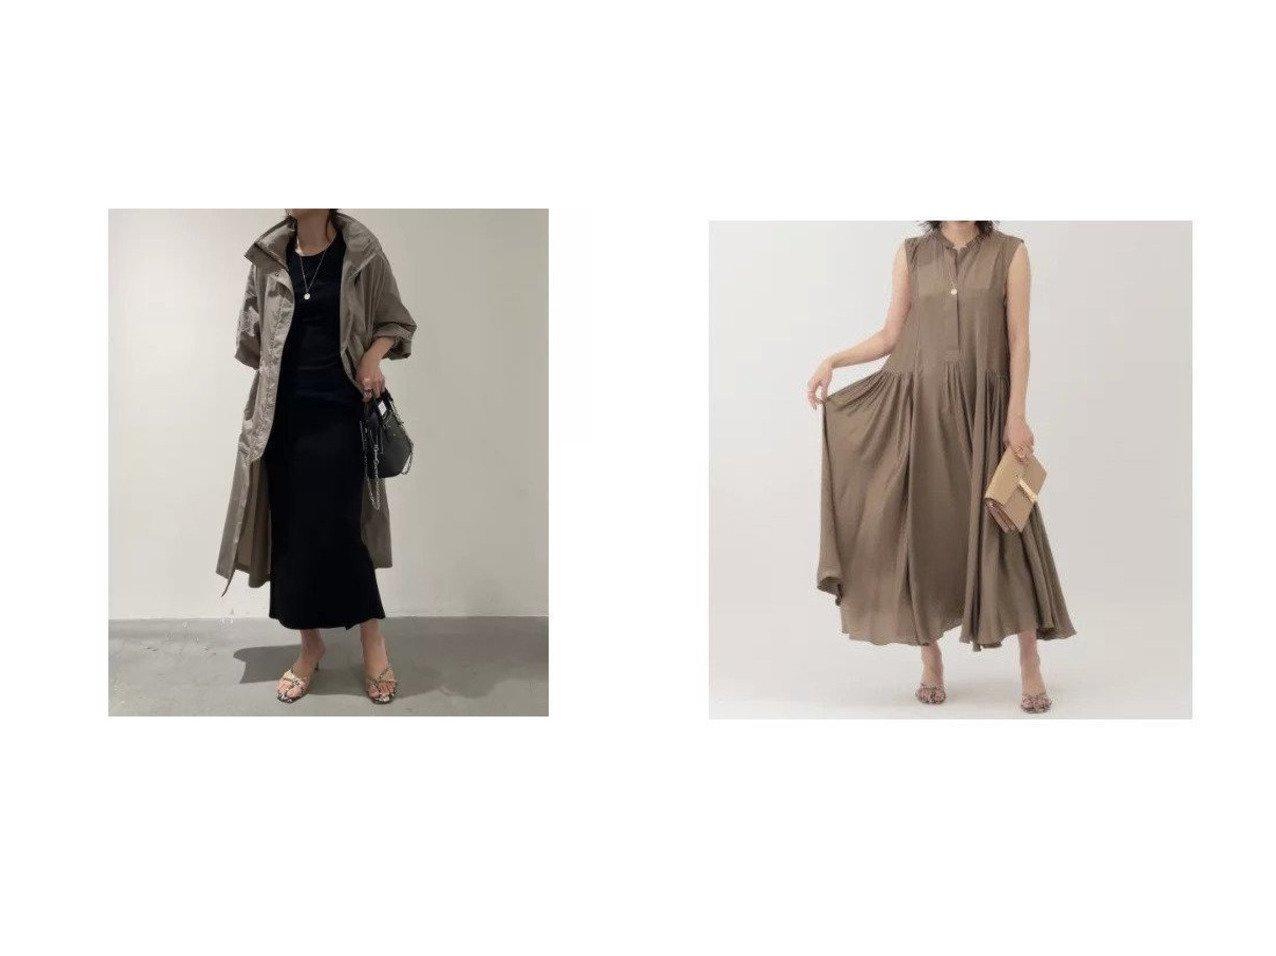 【Chaos/カオス】のGLプリズムライトコート&サンディングシルクワンピース カオスのおすすめ!人気、トレンド・レディースファッションの通販 おすすめで人気の流行・トレンド、ファッションの通販商品 メンズファッション・キッズファッション・インテリア・家具・レディースファッション・服の通販 founy(ファニー) https://founy.com/ ファッション Fashion レディースファッション WOMEN アウター Coat Outerwear コート Coats ワンピース Dress ショール スタンド フェミニン ロング 洗える サテン シルク ノースリーブ |ID:crp329100000020648